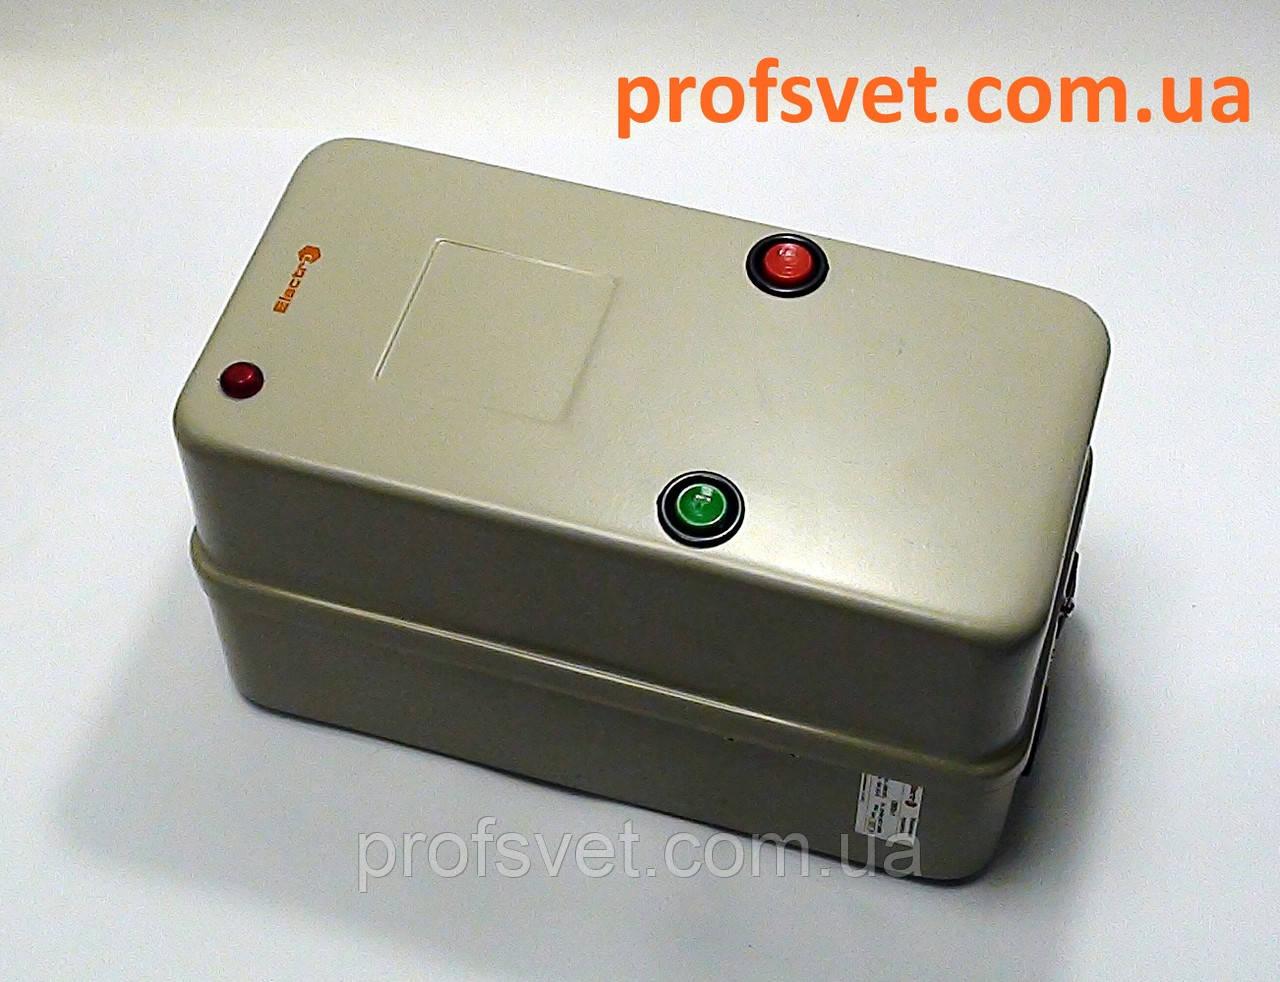 Пускатель ПМЛ-К 65А корпус IP54 реле и кнопки